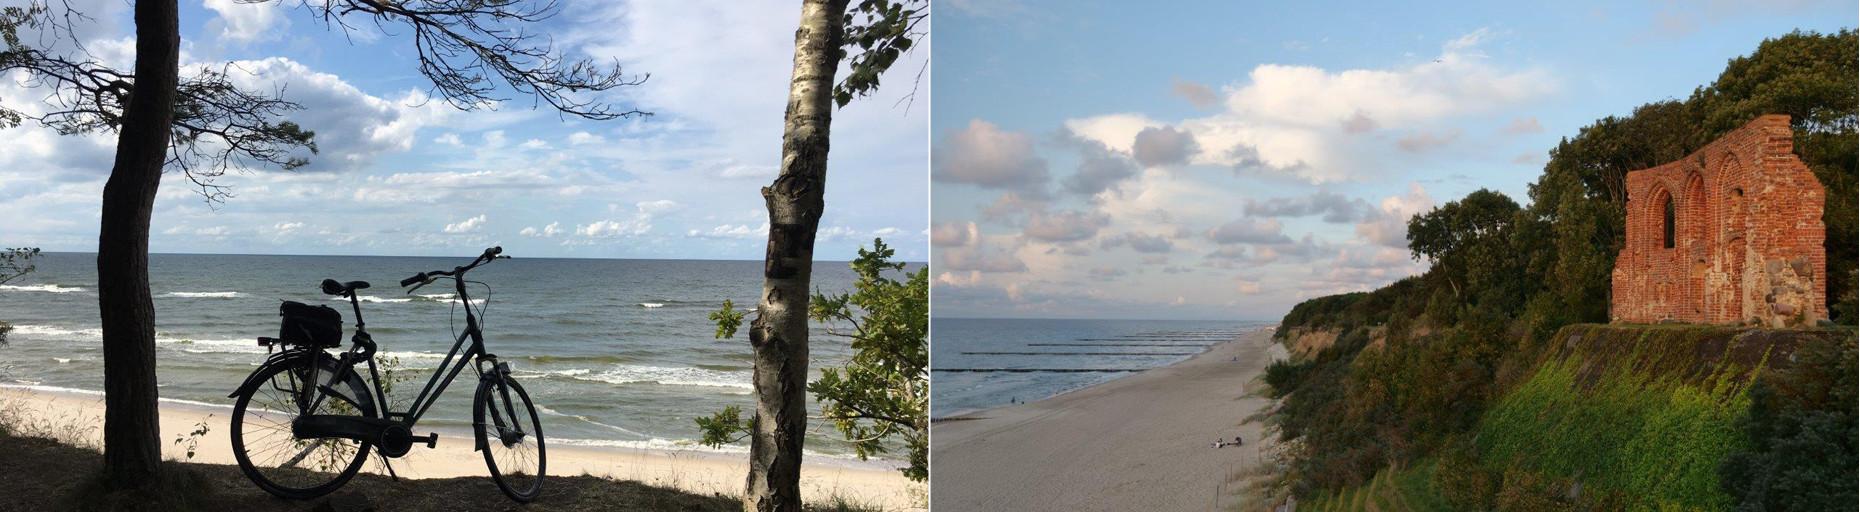 Atrakcje turystyczne nad morzem w Pobierowie i okolicy - domki Calypso